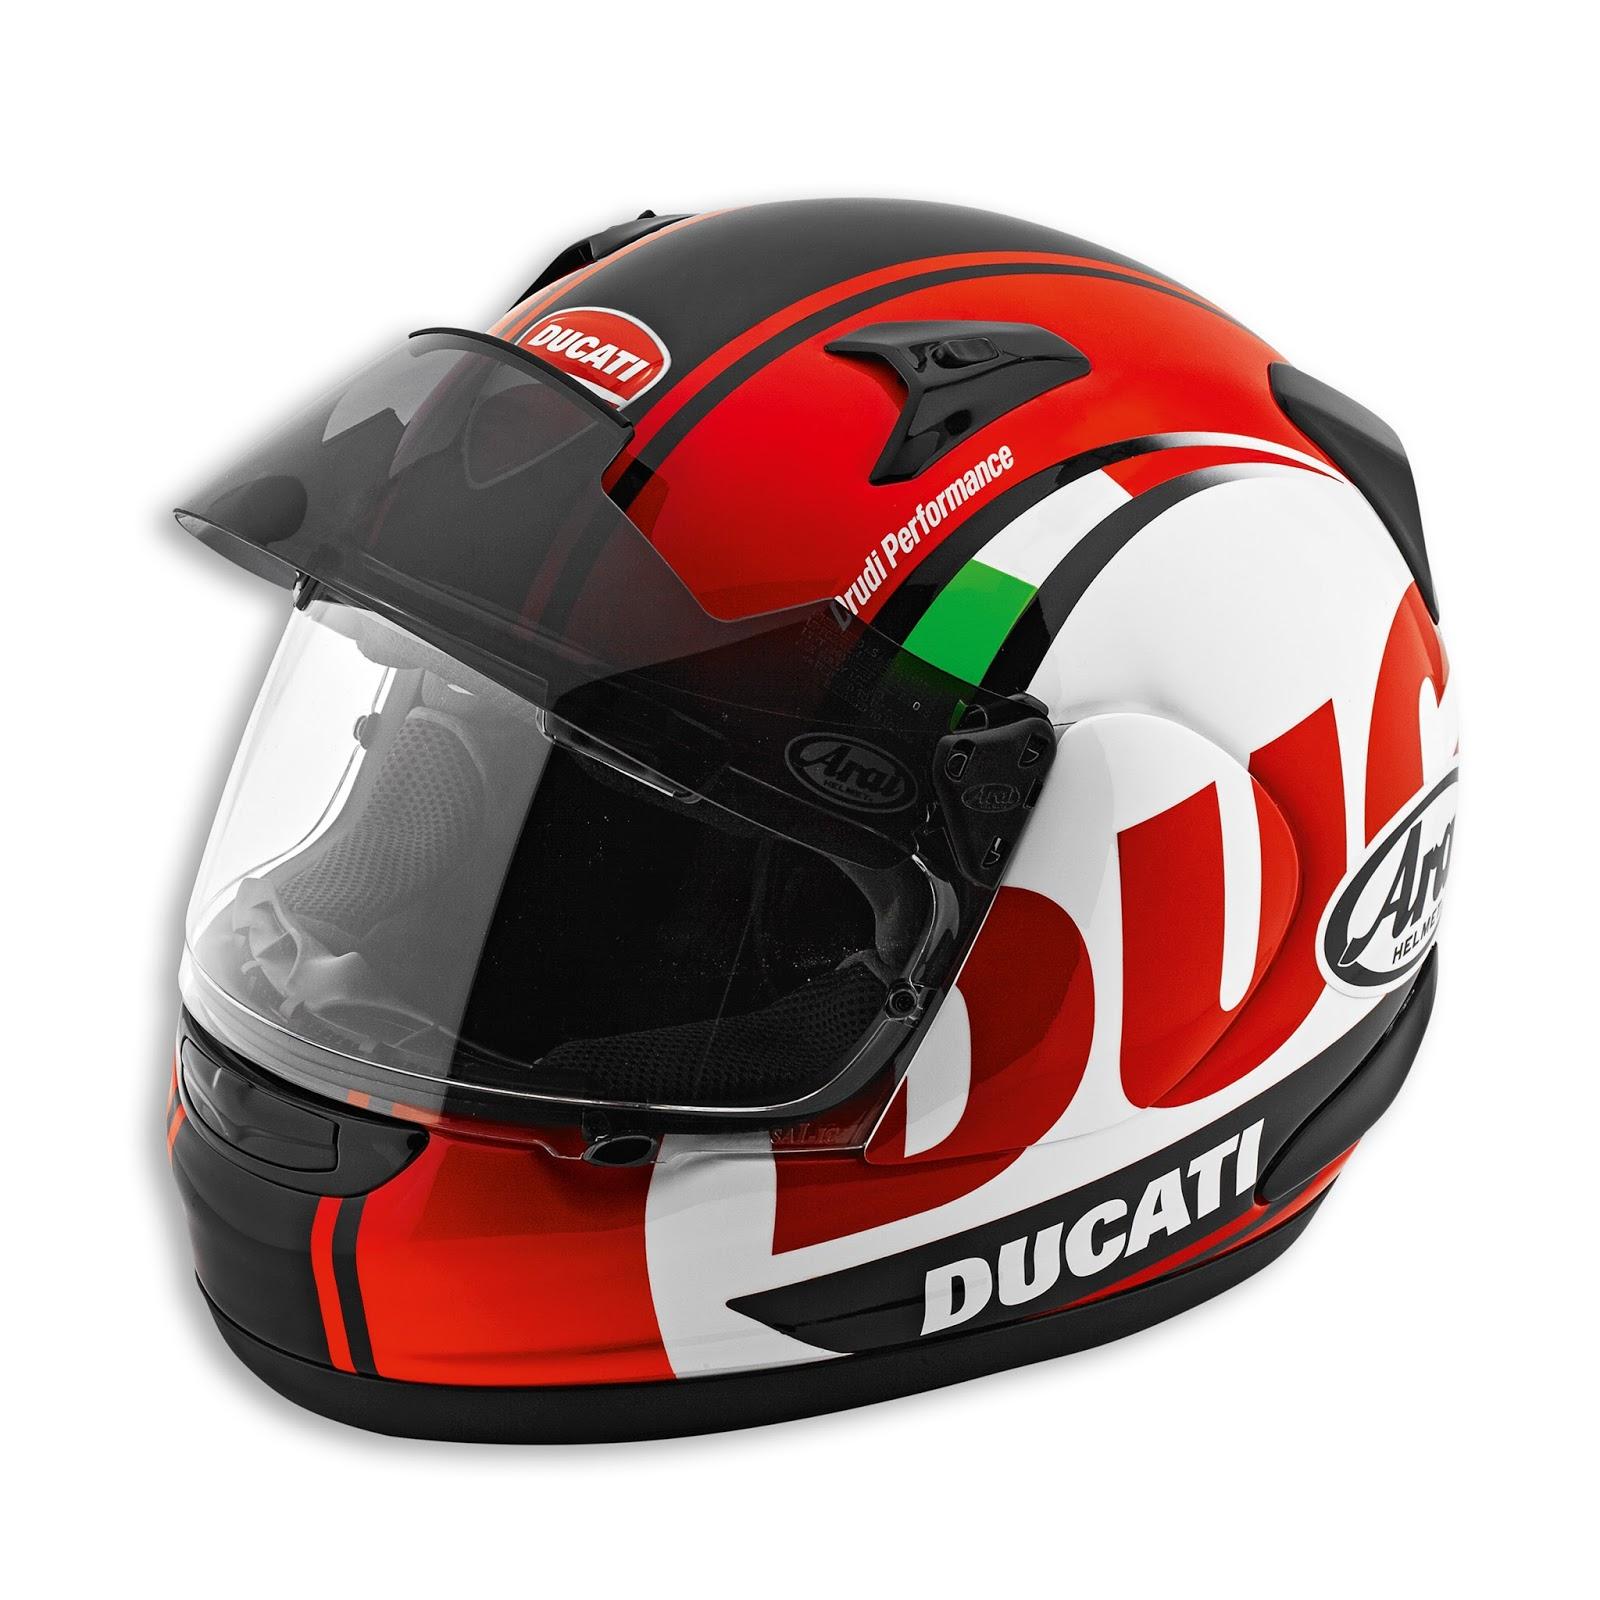 Racing Helmets Garage: Ducati Helmets by Arai 2016 - design by Drudi ...